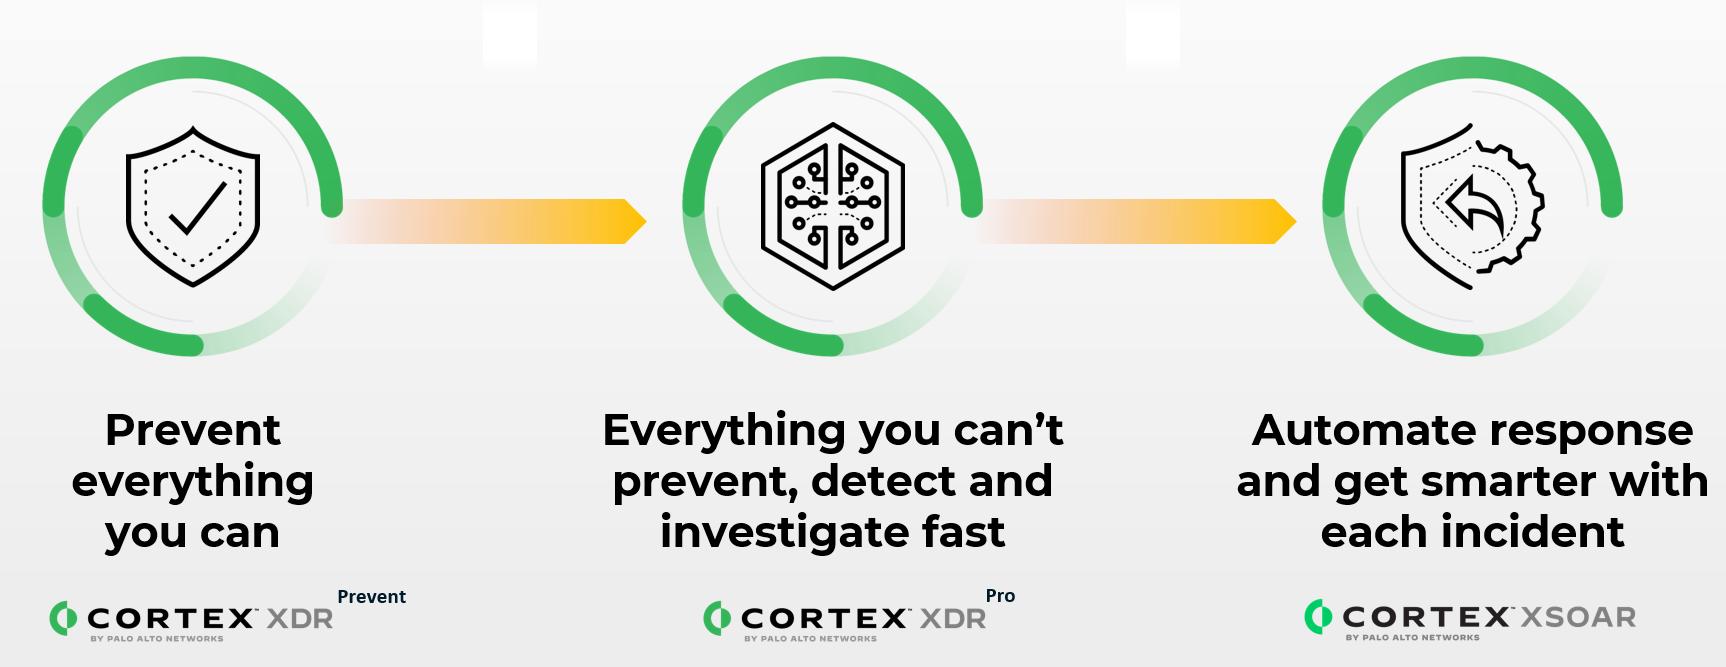 cortexXDR